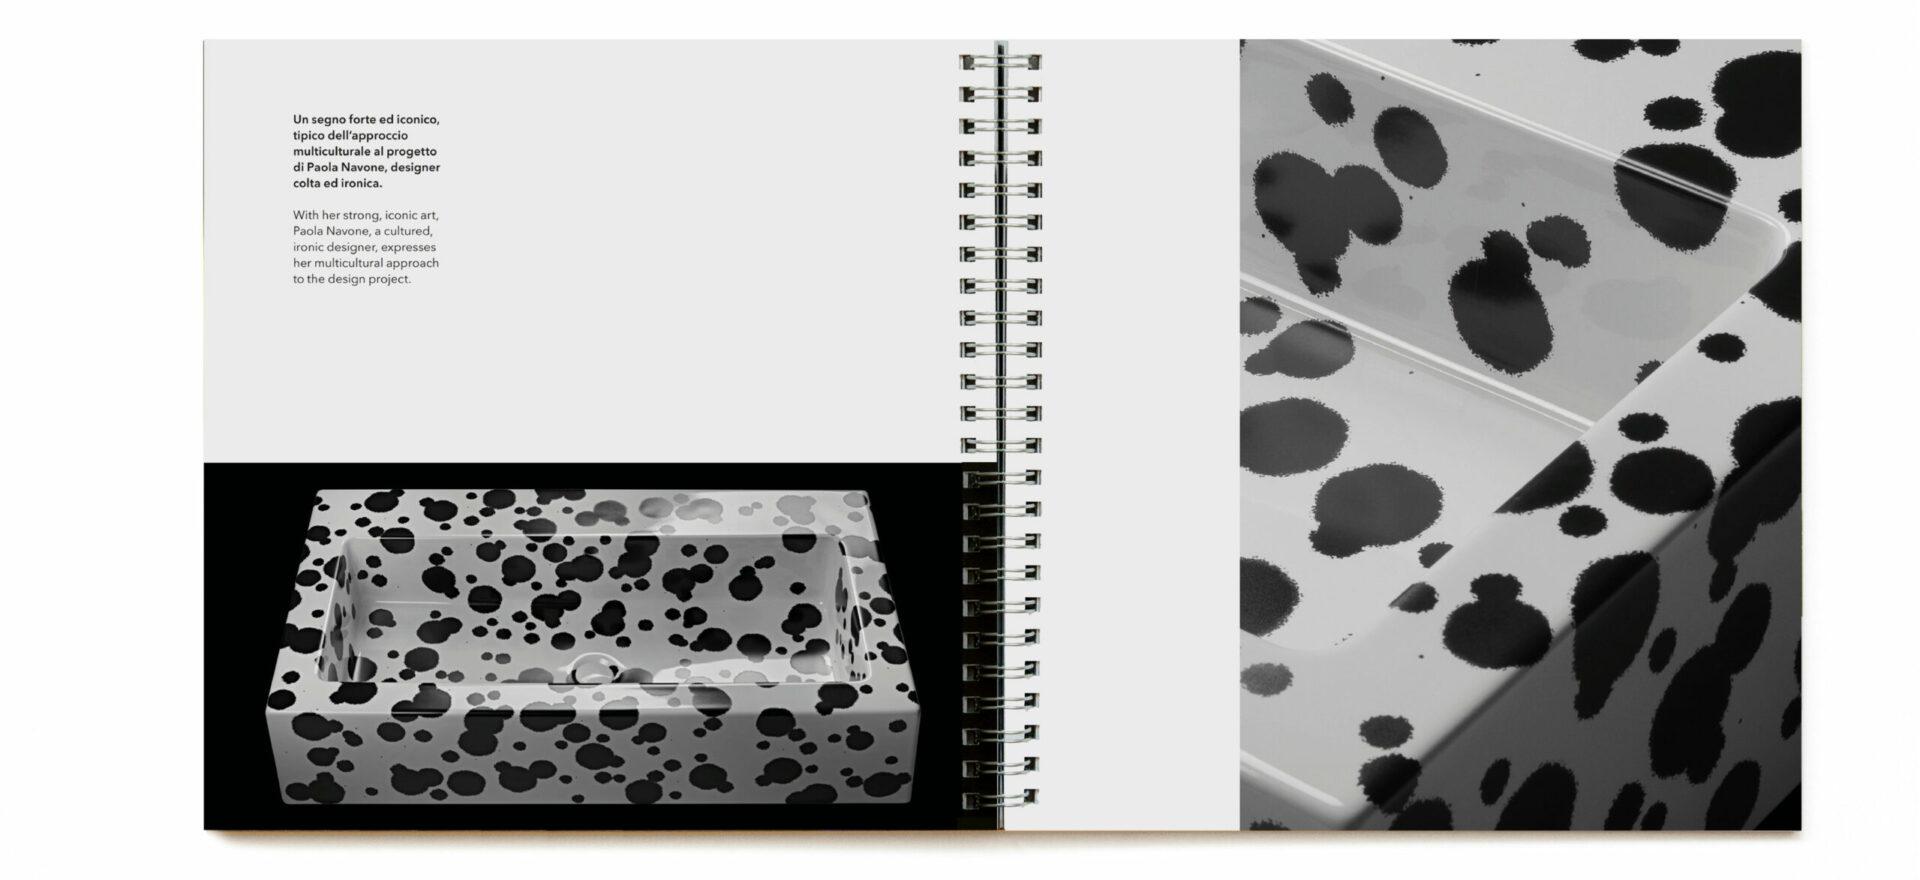 Aquagrande | Graphic Design | Catalogue | Ceramica Flaminia | Mario Trimarchi Design | Fragile